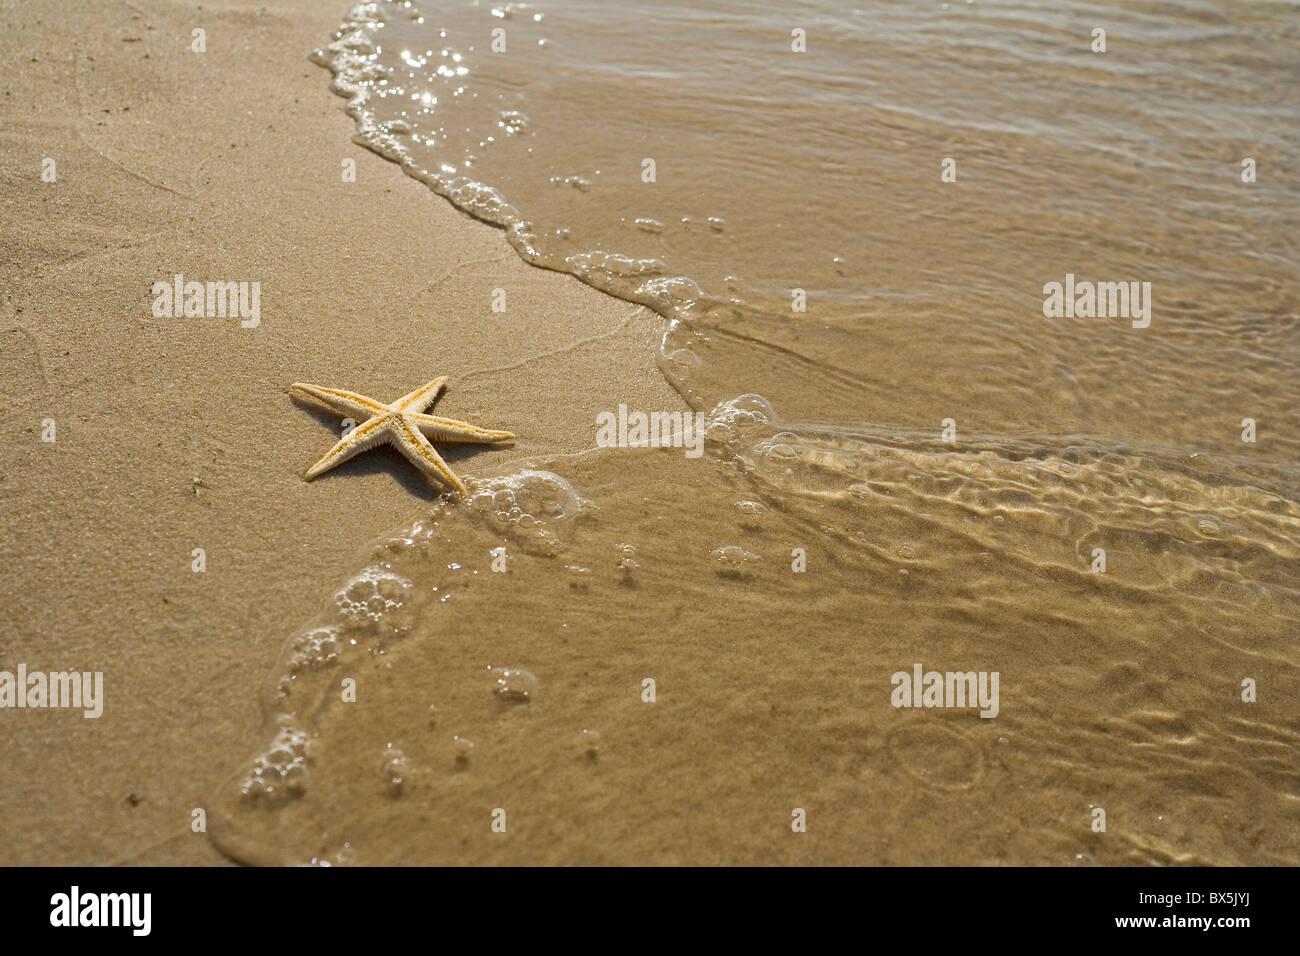 La estrella de mar en la playa Imagen De Stock